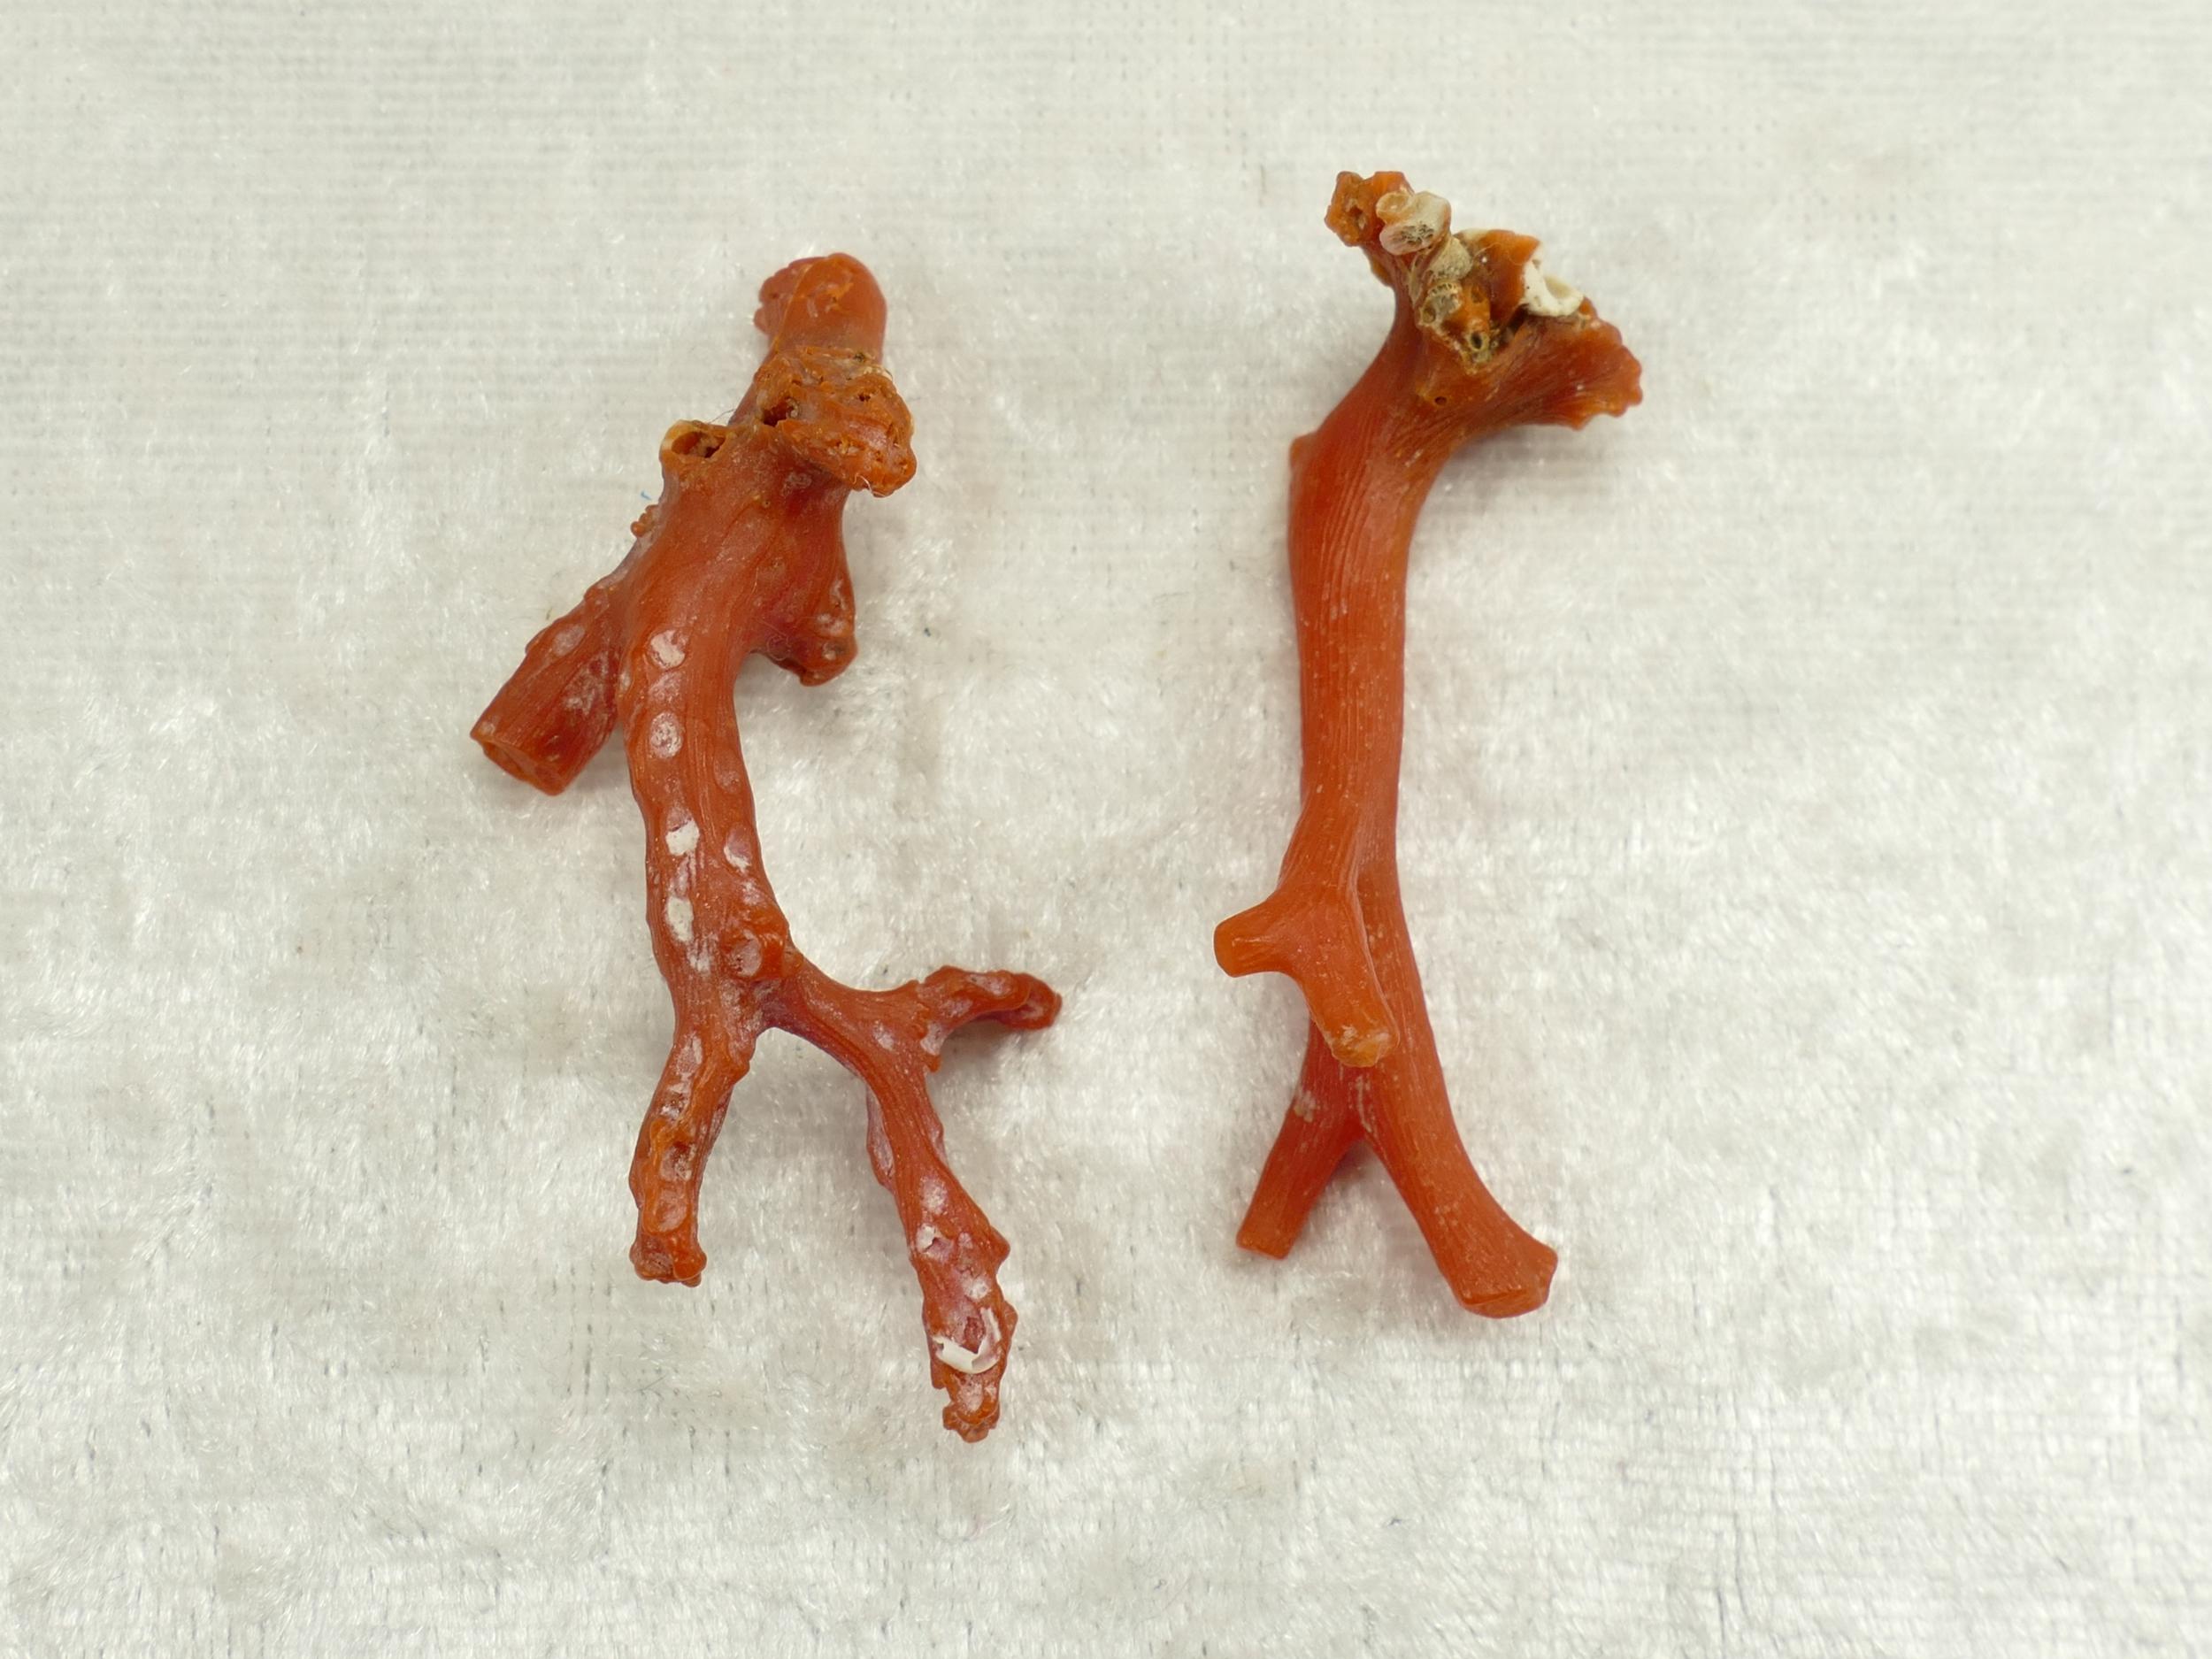 2 Spécimens de Corail rouge brut naturel du Maroc 5.09g (#PK267)